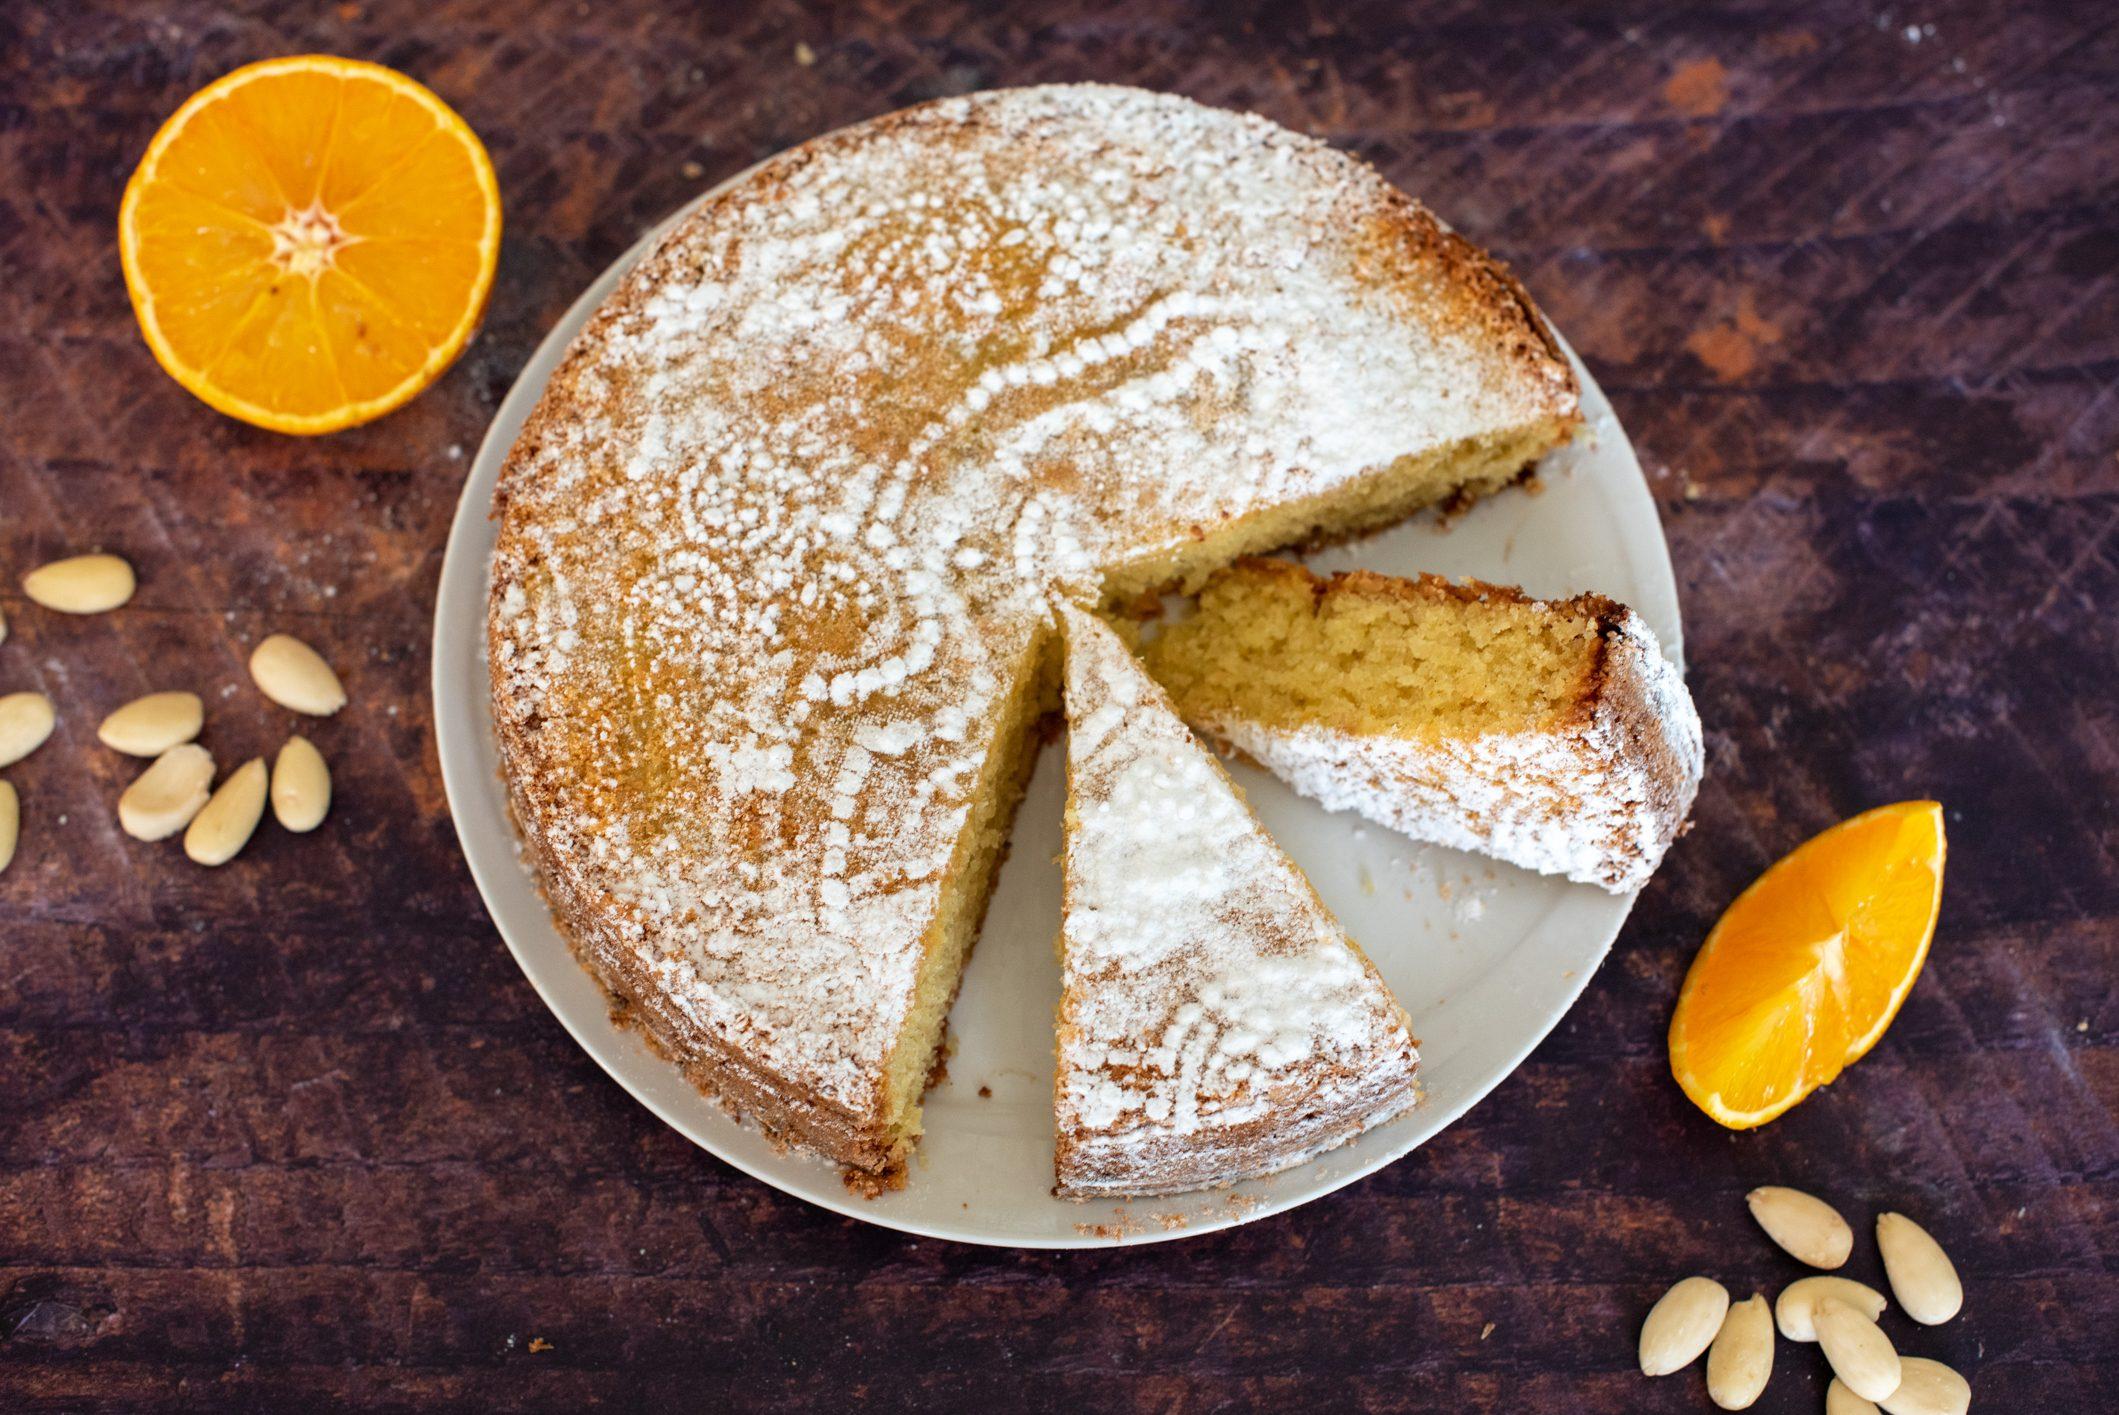 Torta caprese all'arancia: la ricetta soffice e profumata, variante del dolce tradizionale